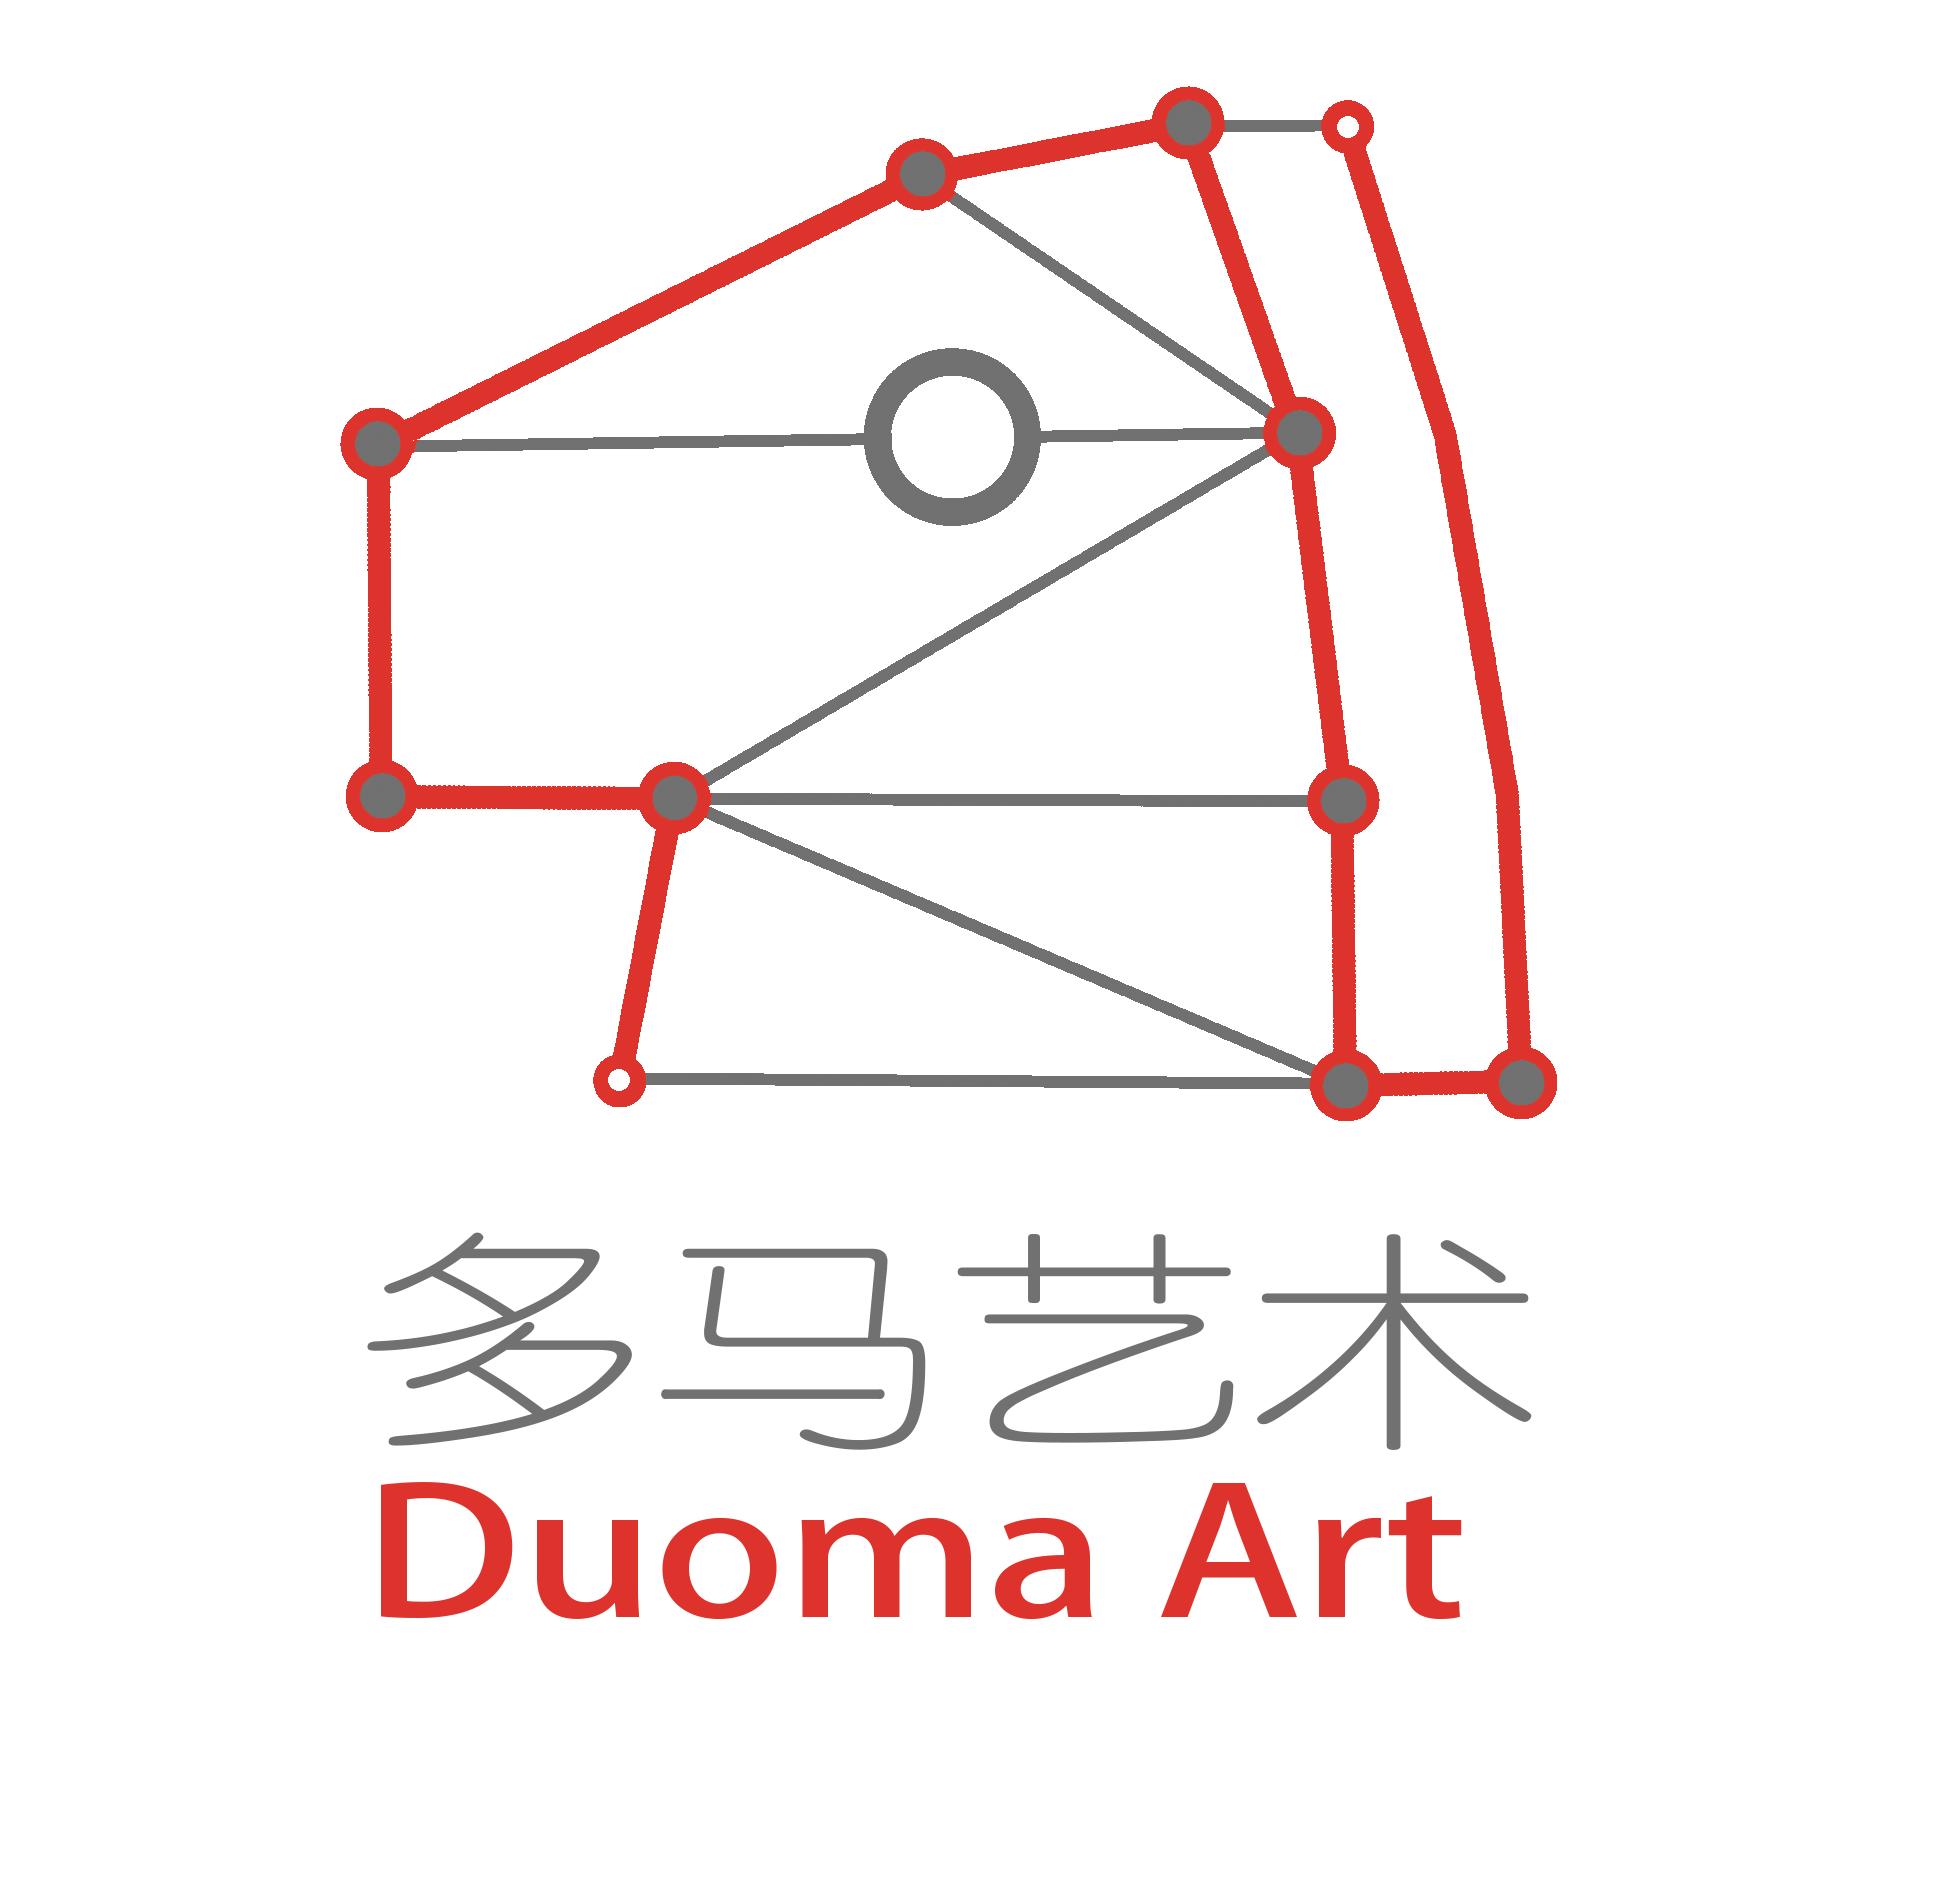 重庆多码文化传播有限公司_联英人才网_hrm.cn